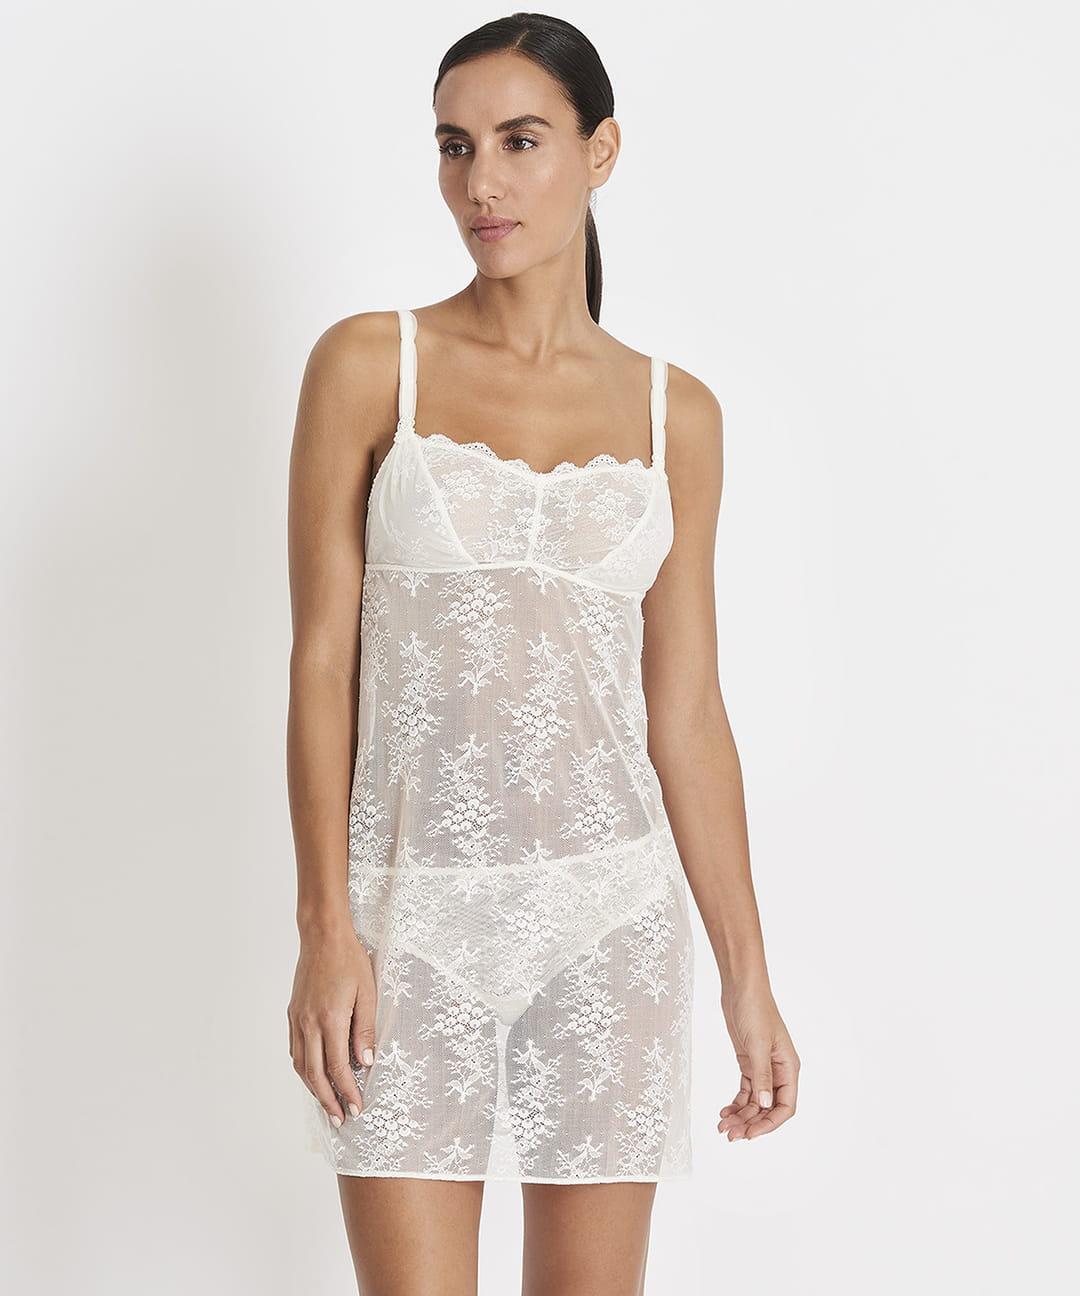 photos officielles f7893 0283b Lingerie de mariage : des sous-vêtements adaptés à la robe ...